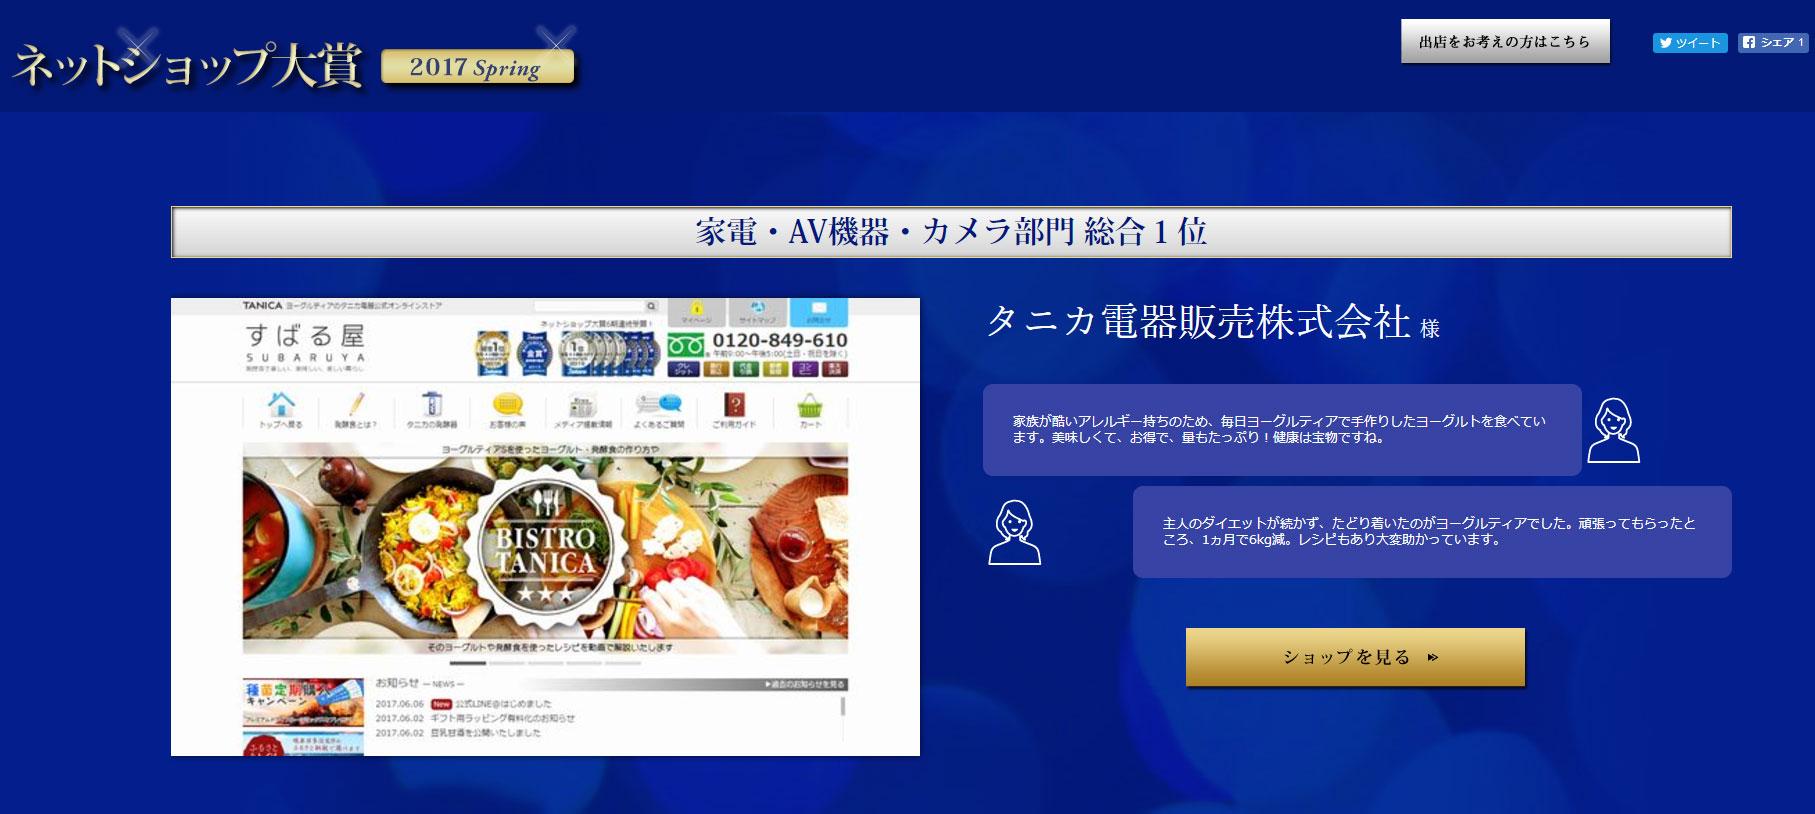 ネットショップ大賞2017 spring 家電・AV機器・カメラ部門総合1位受賞!